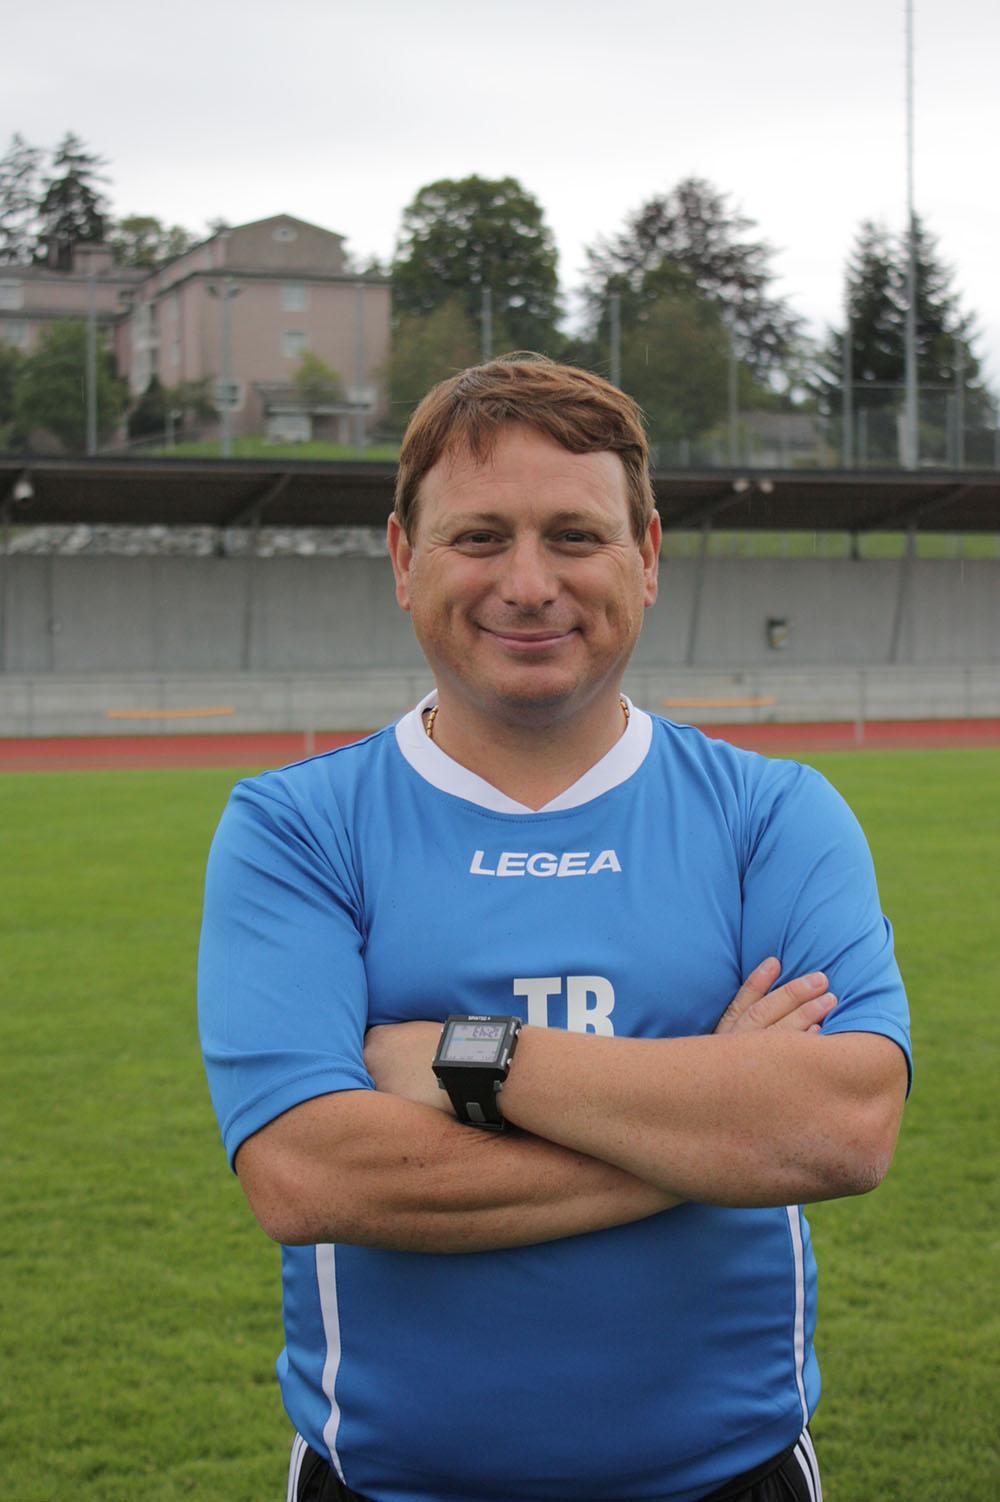 Carmine Trivigno